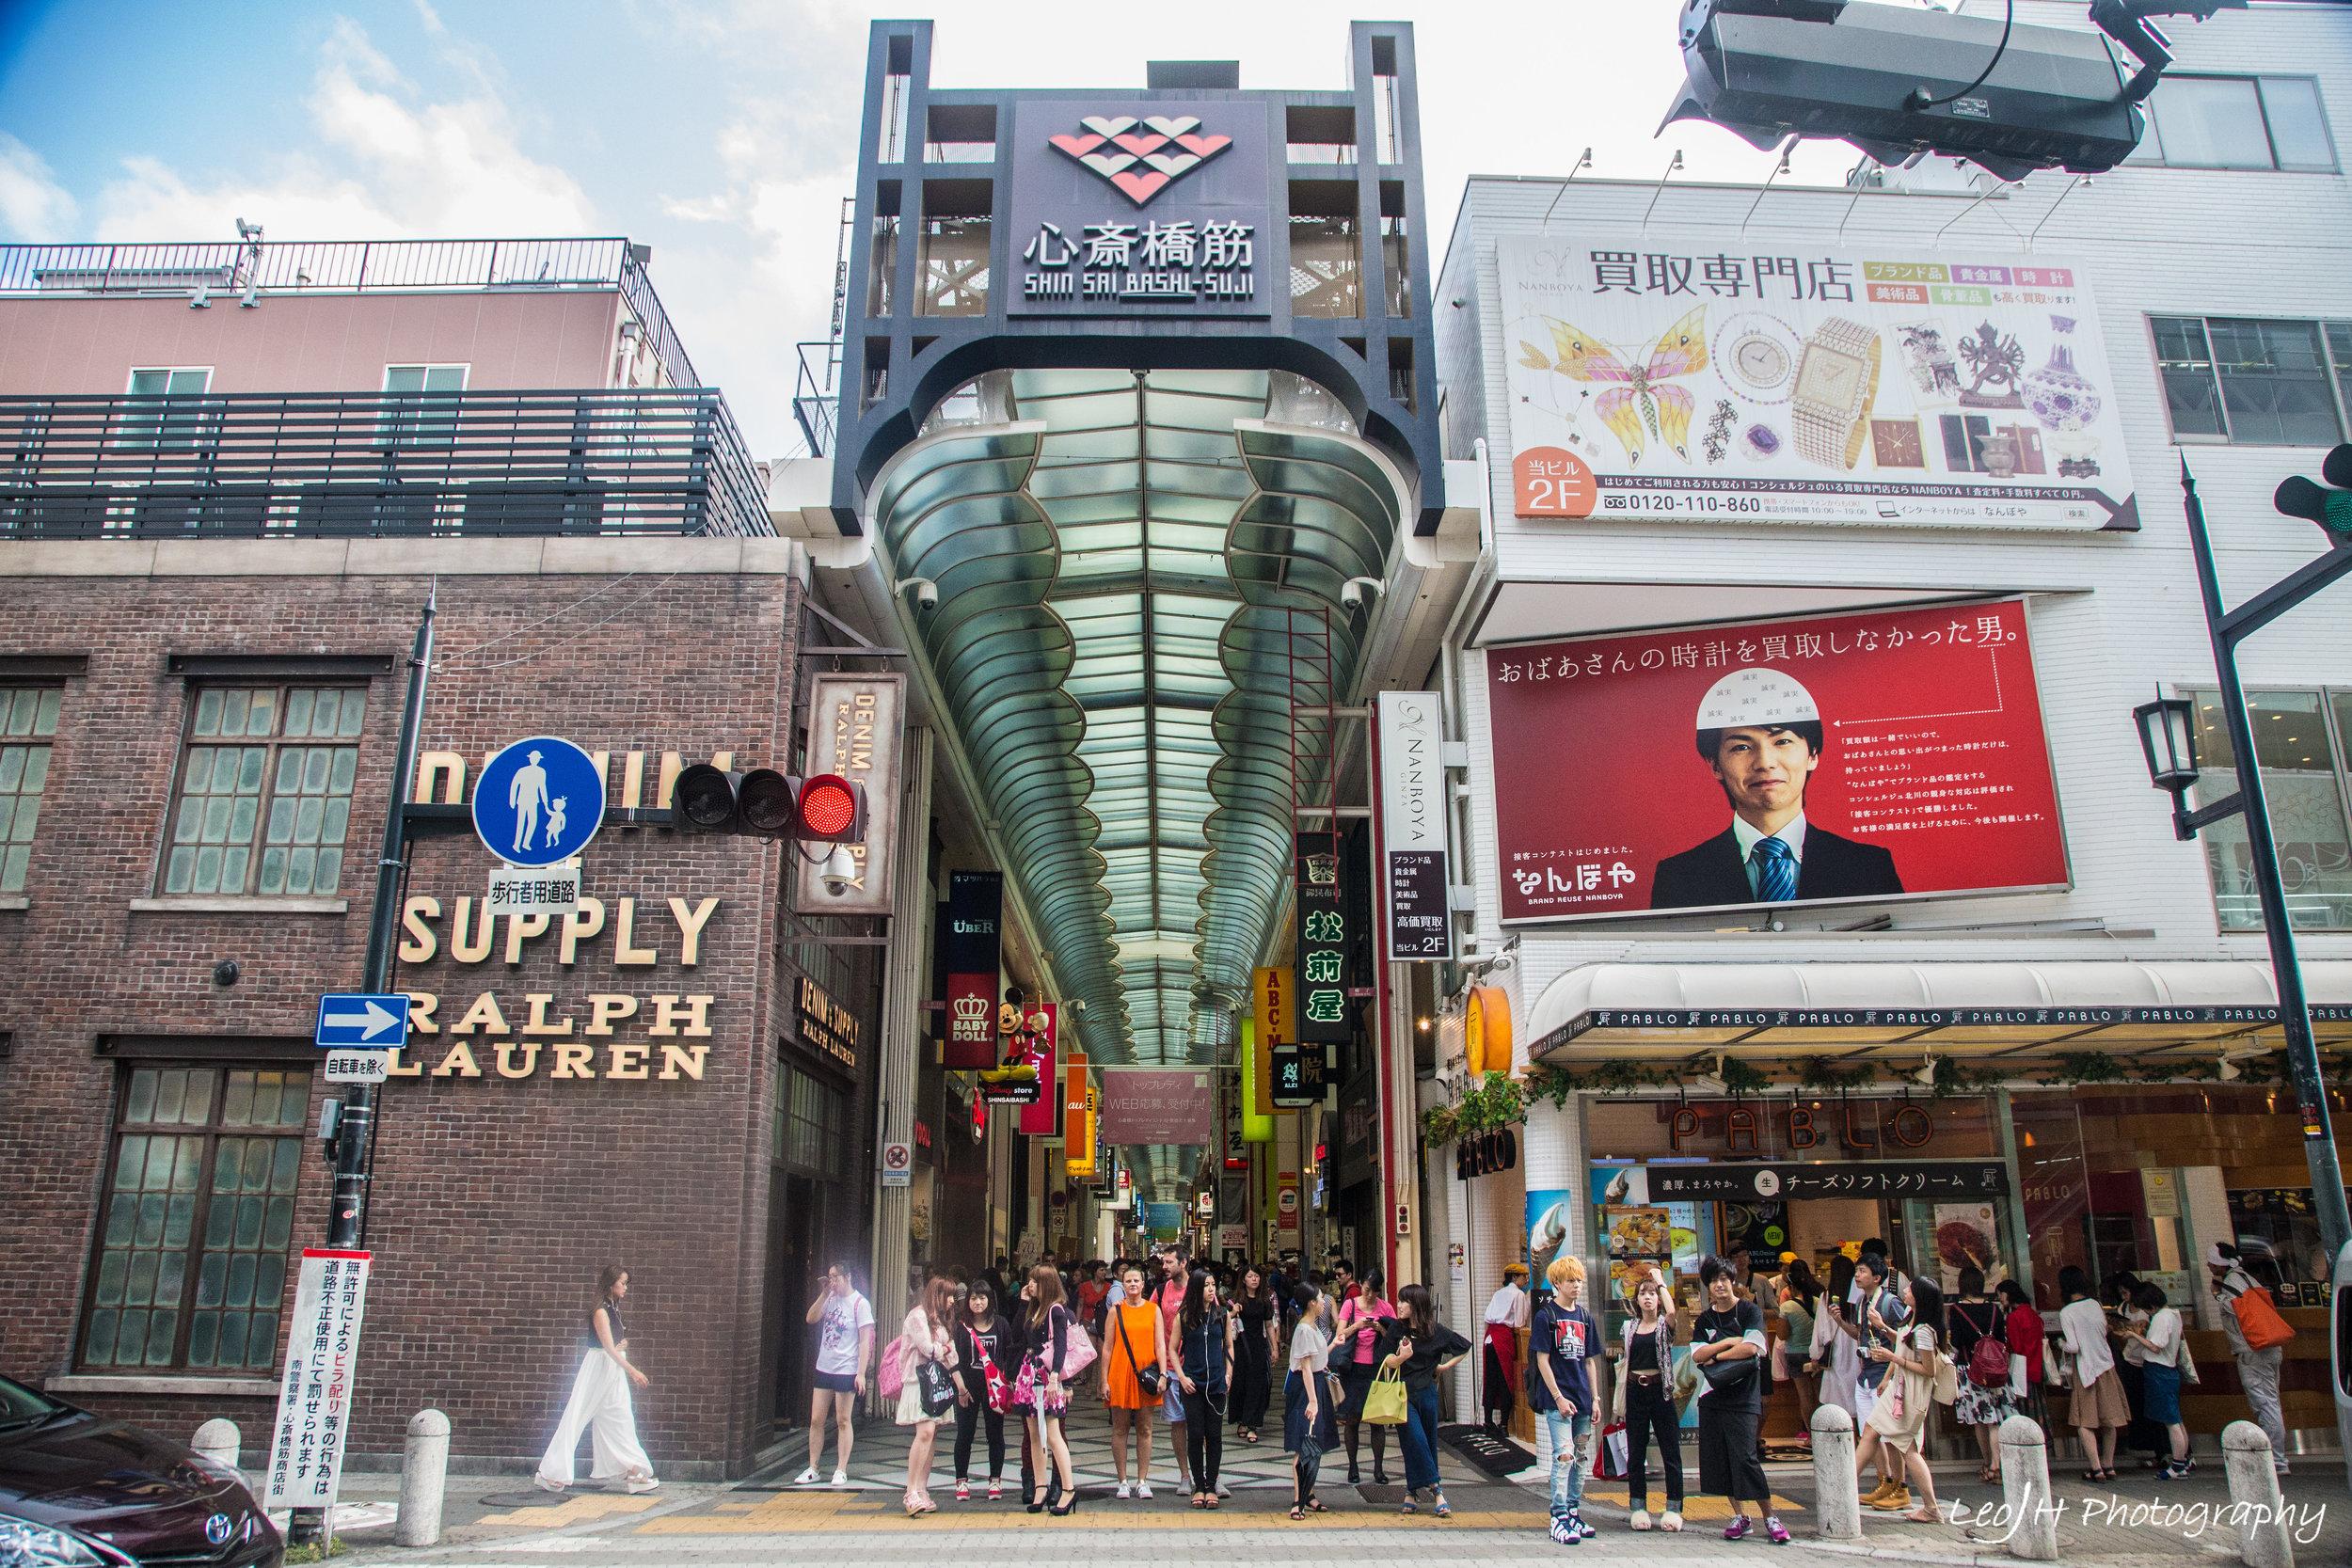 One of the many entrances to Shinsaibashi